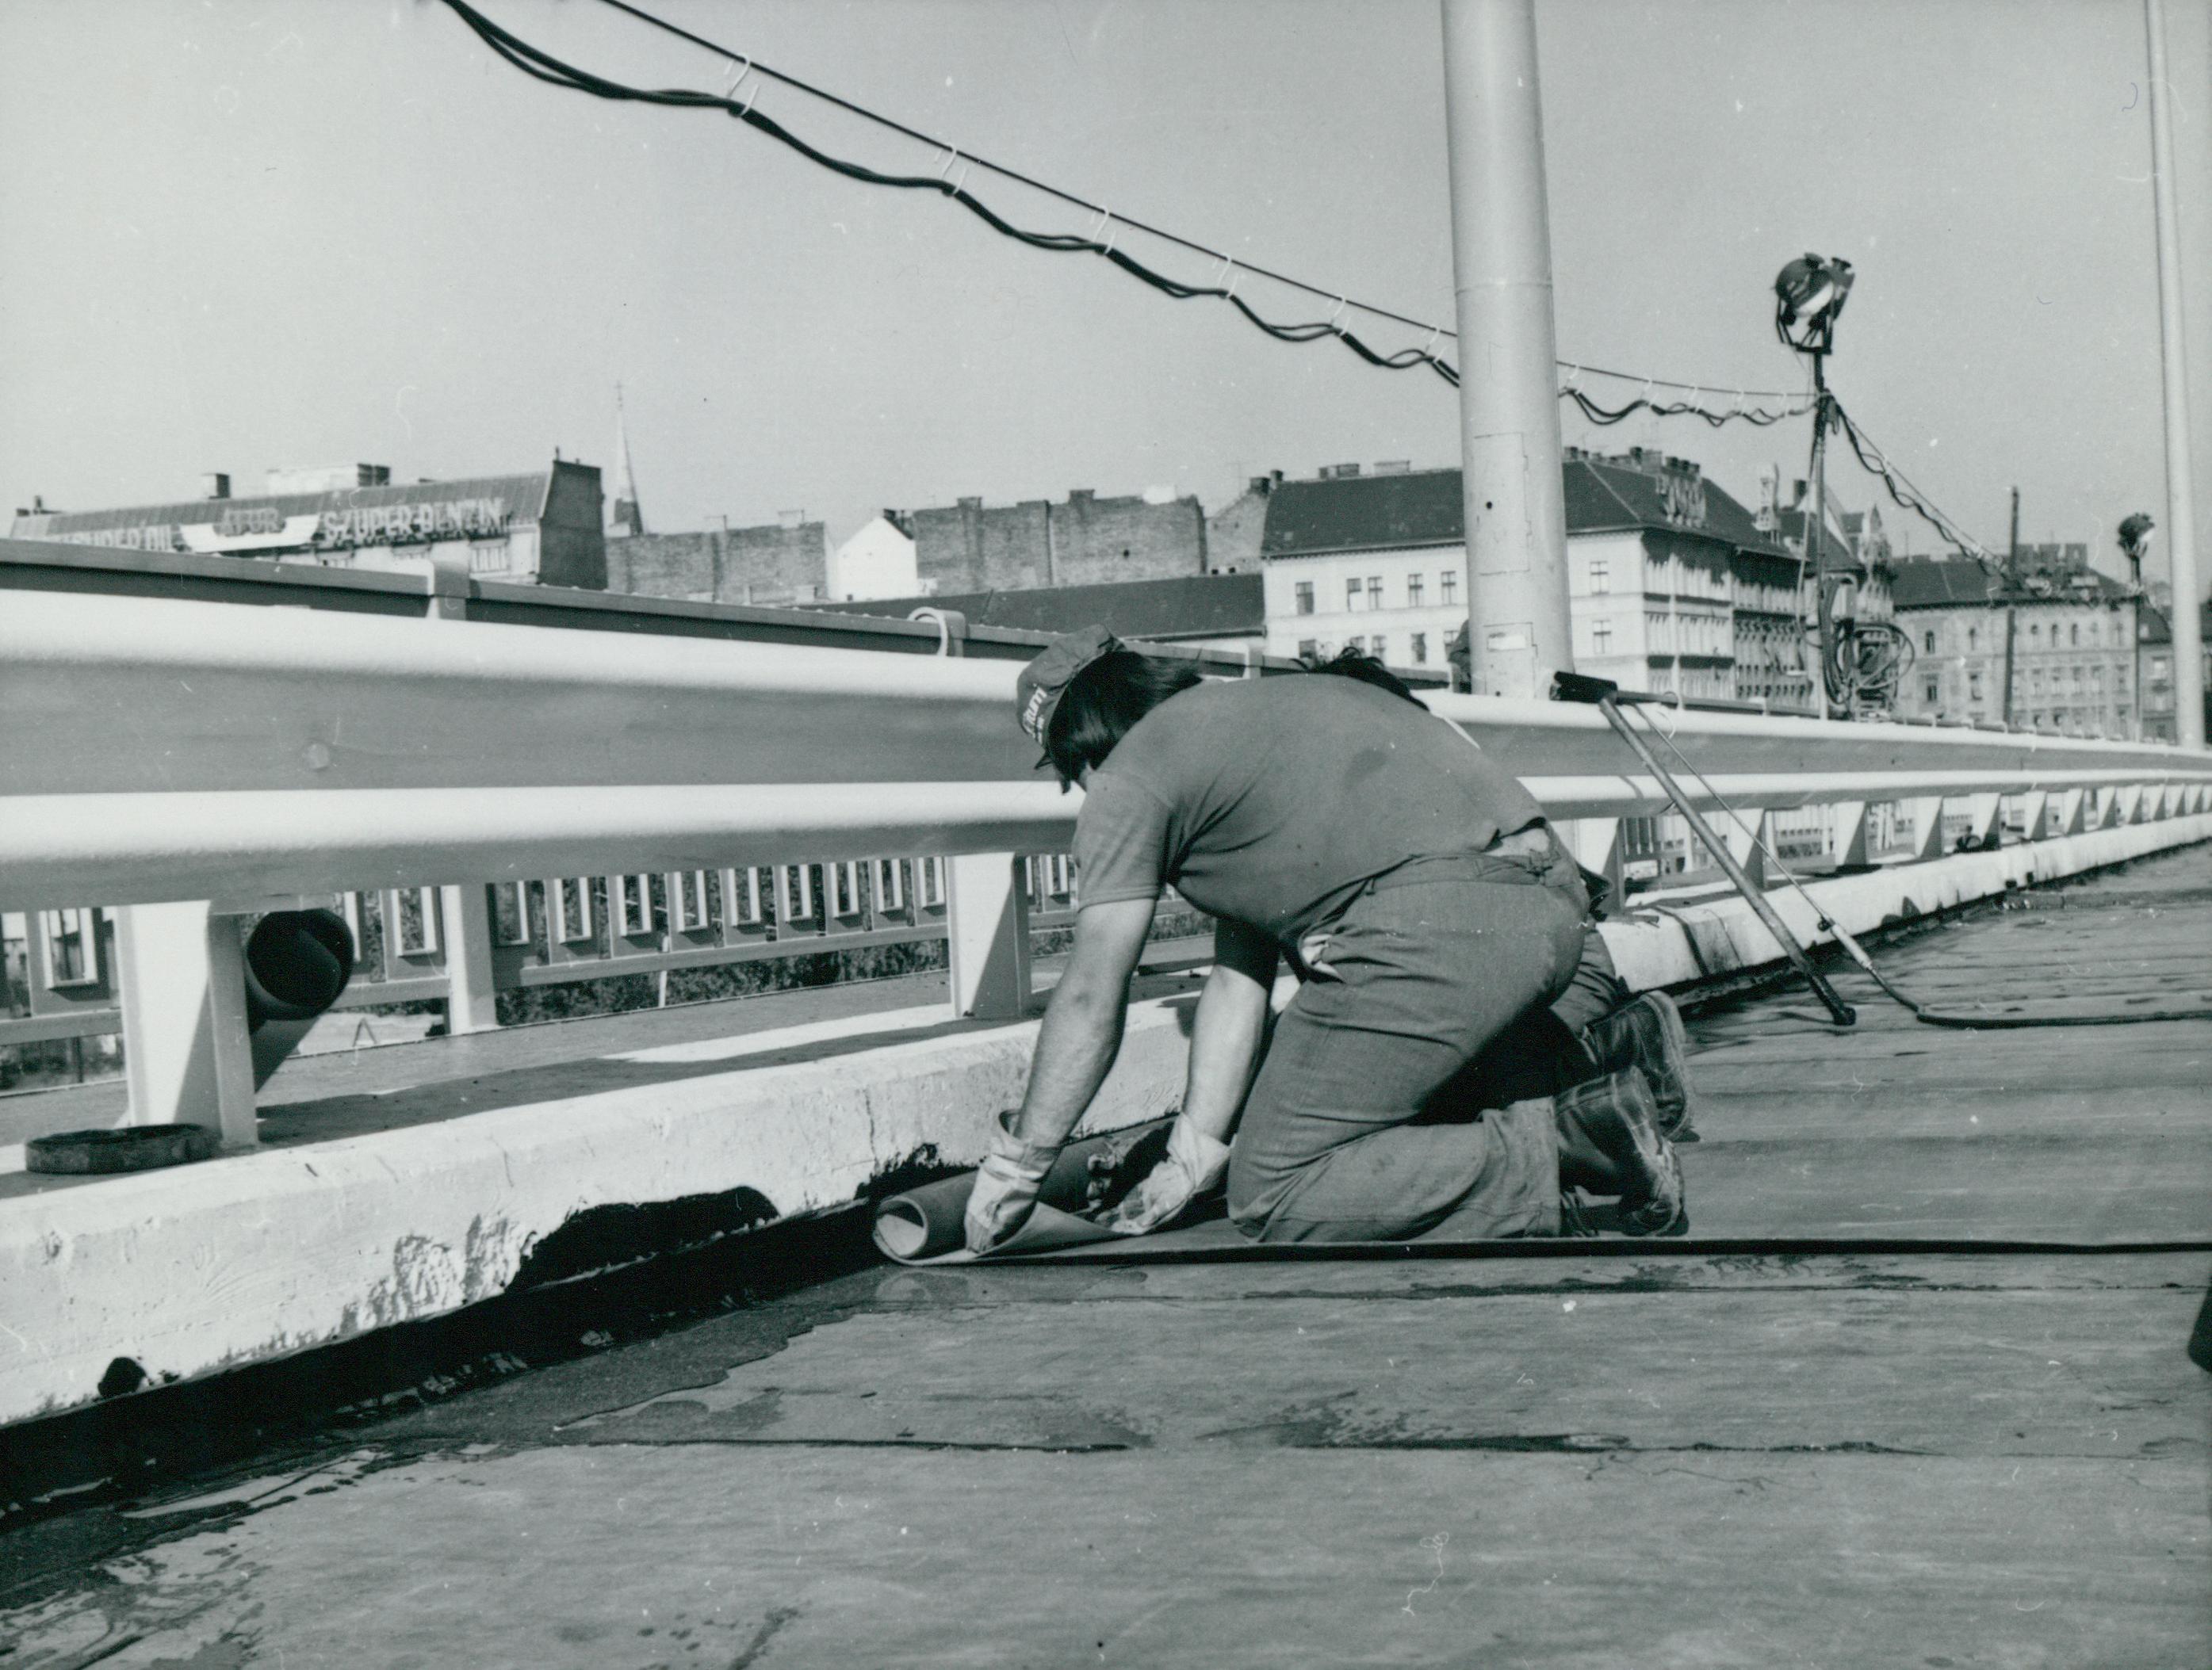 Pályaburkolat alatti szigetelés elhelyezése a Petőfi hídon